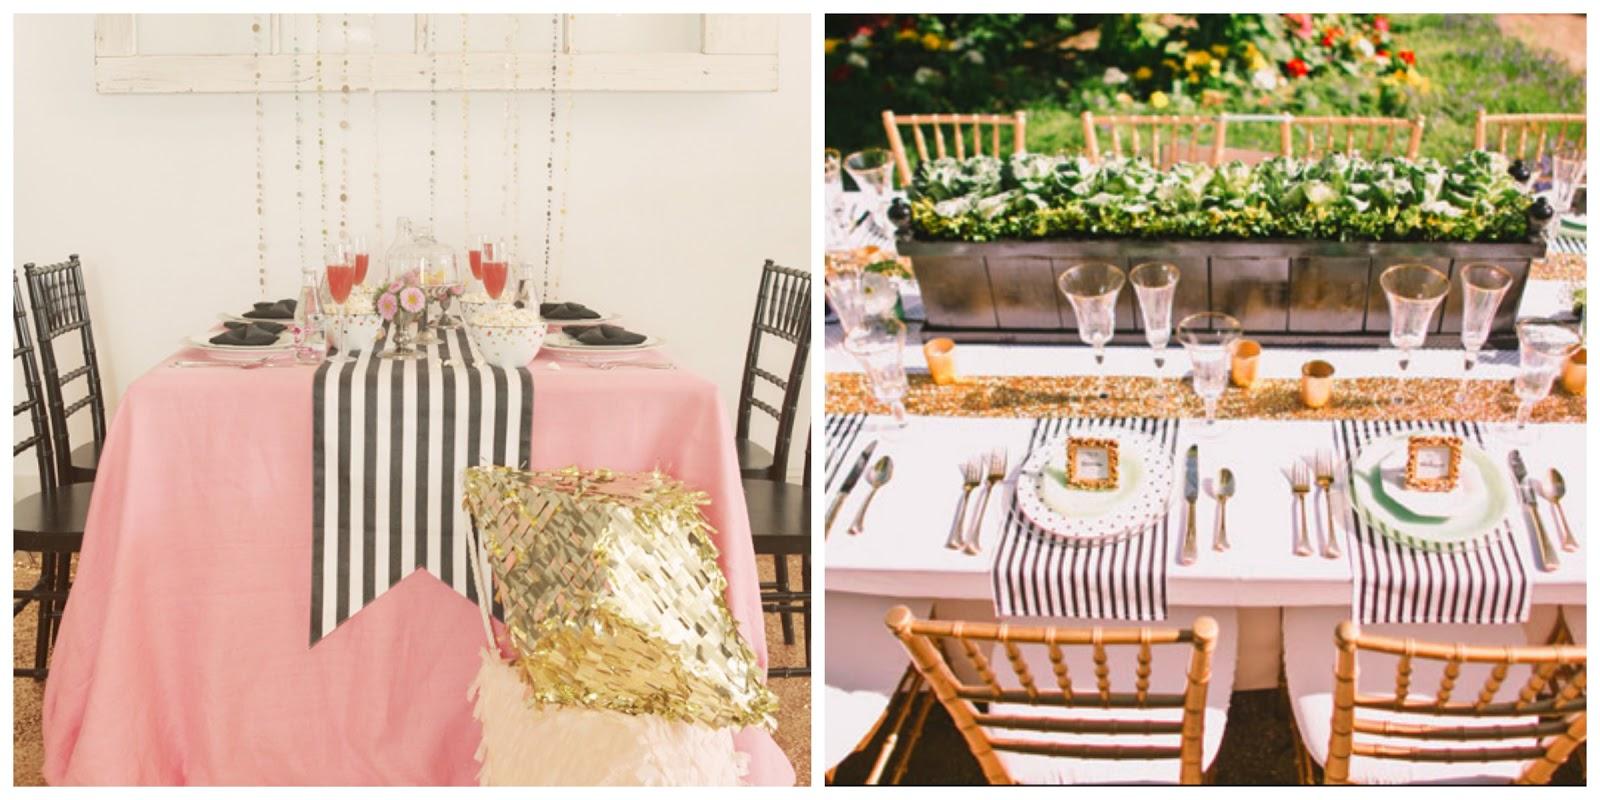 Colores para la mesa blanco y negro a rayas - Decoracion mesas fiestas ...